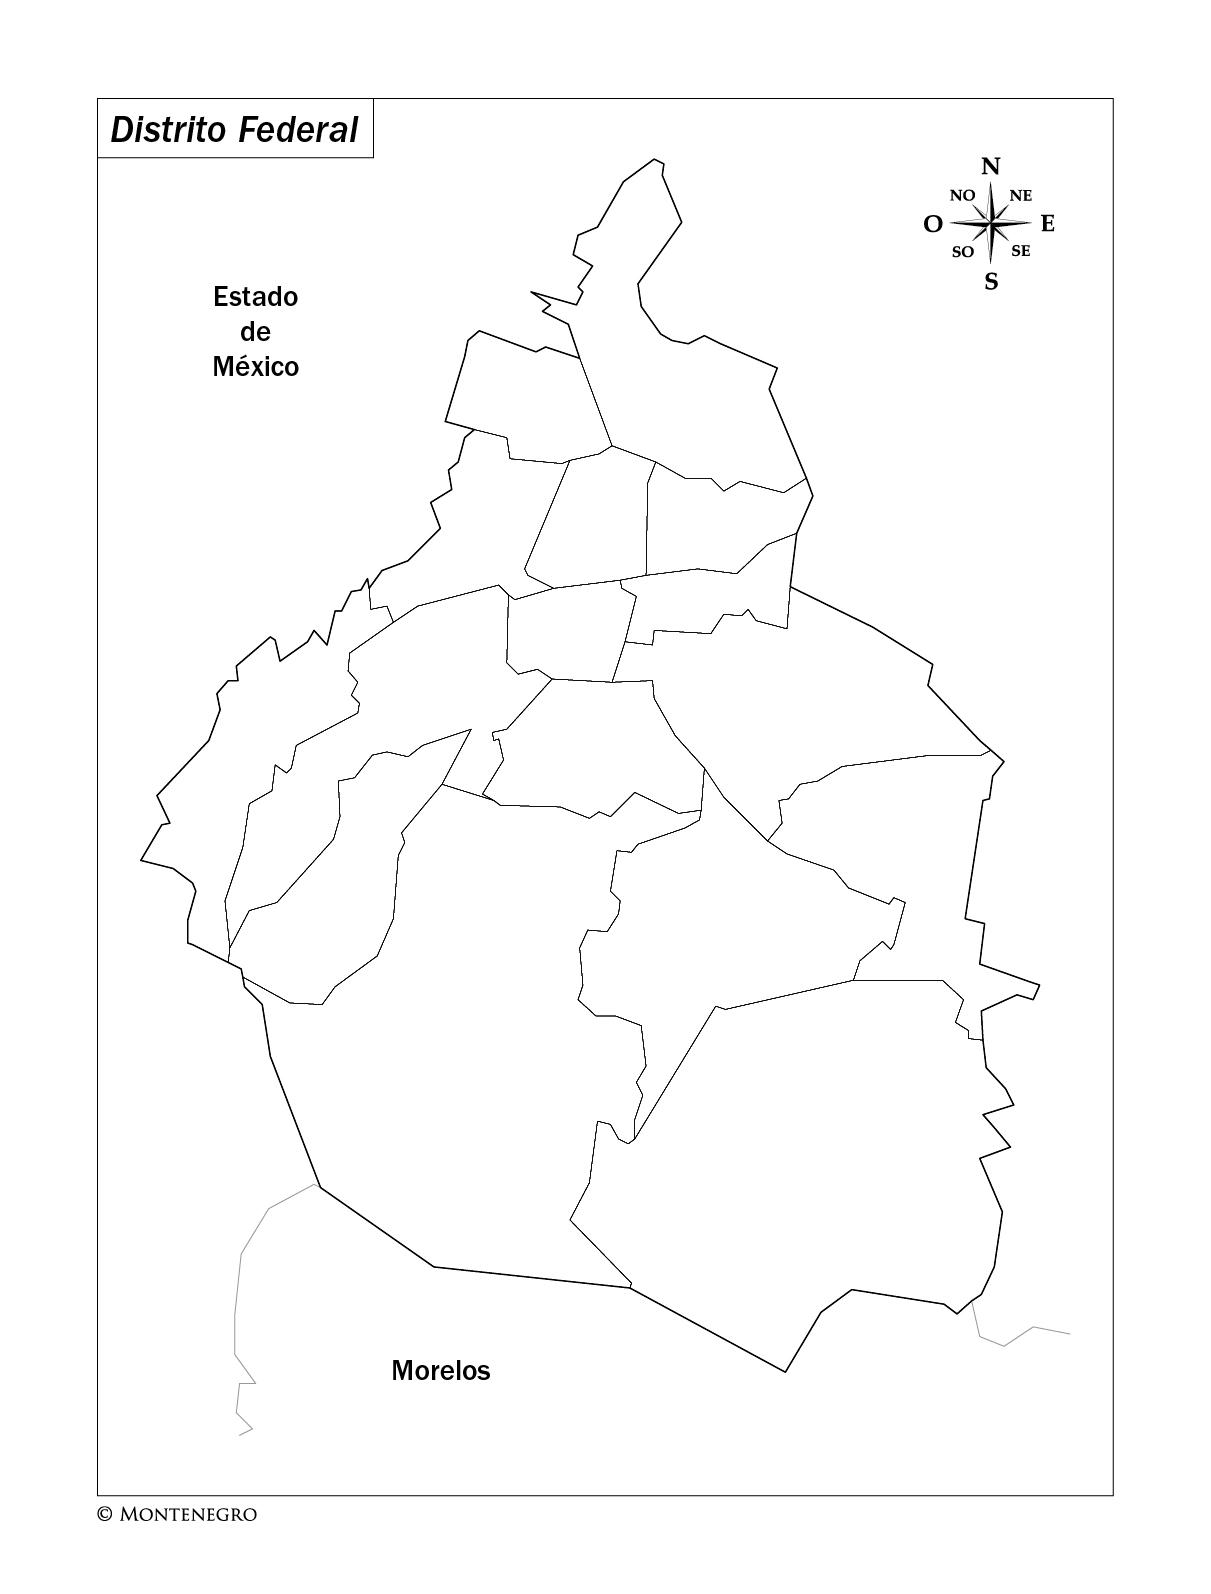 Mapa de las delegaciones del Distrito Federal de México